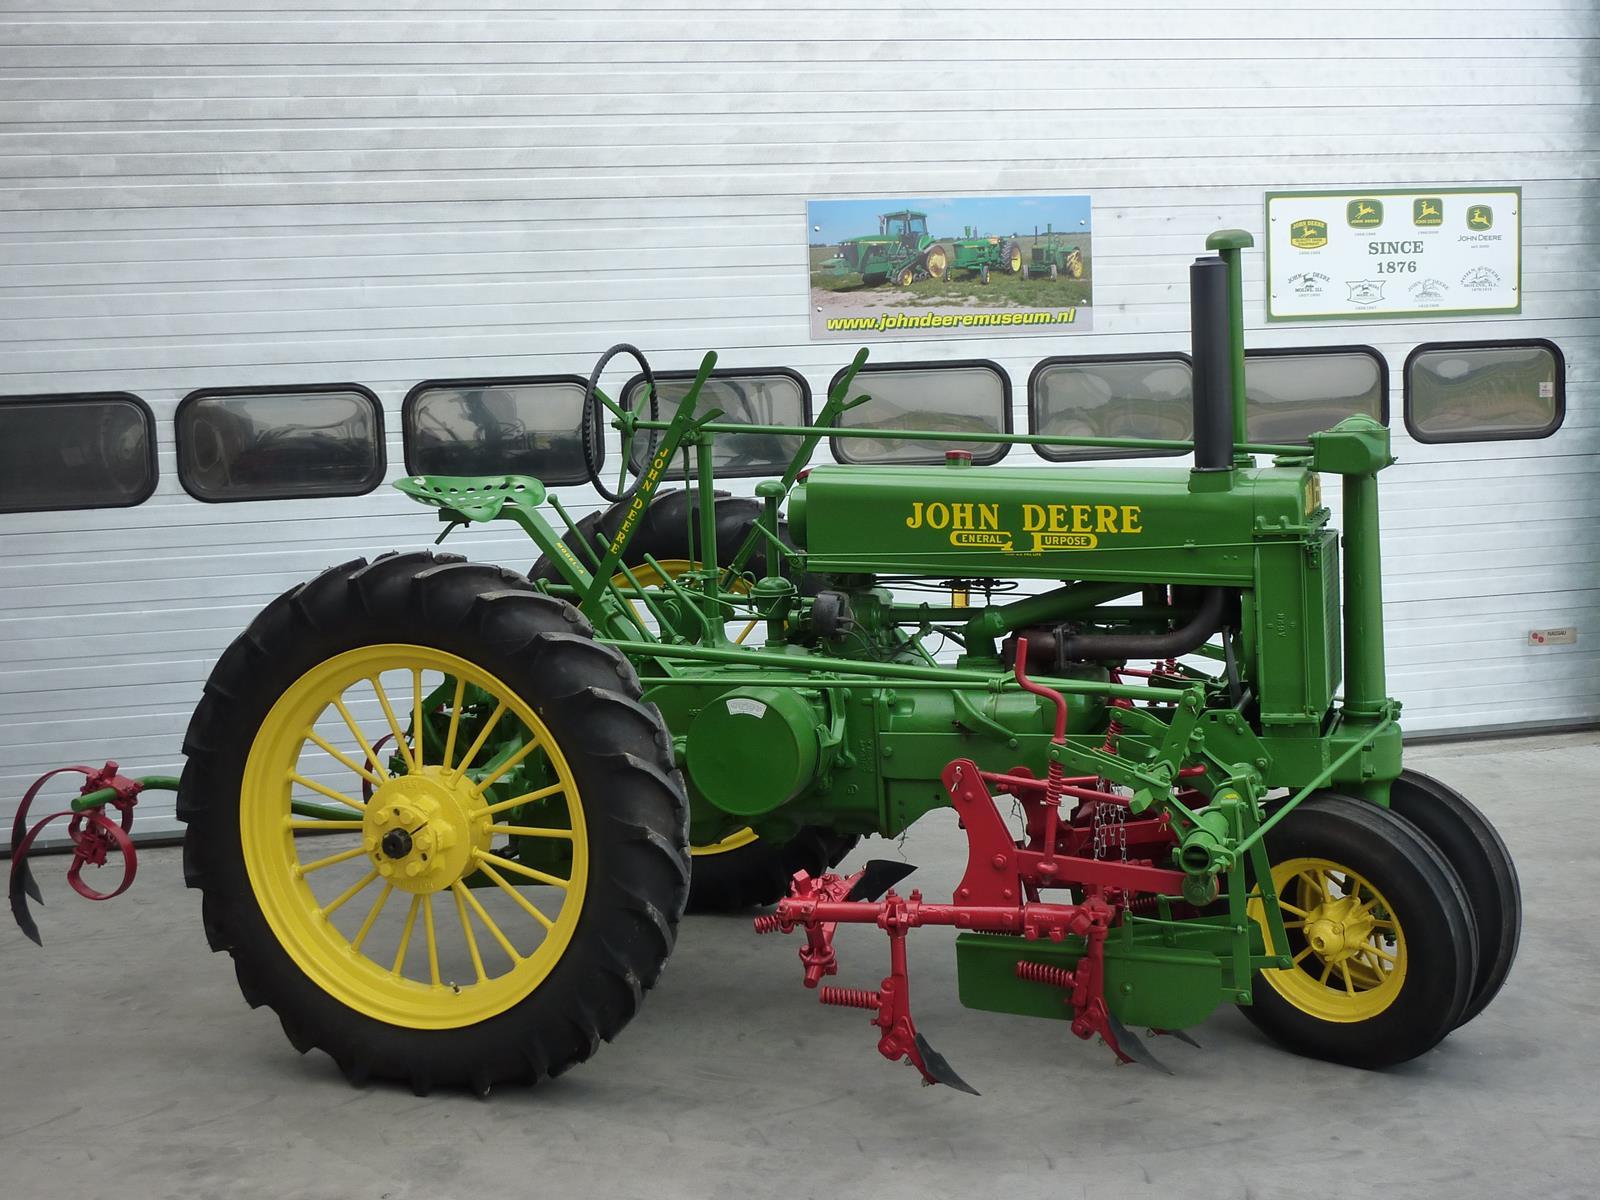 John Deere museum 2013-06-17 008